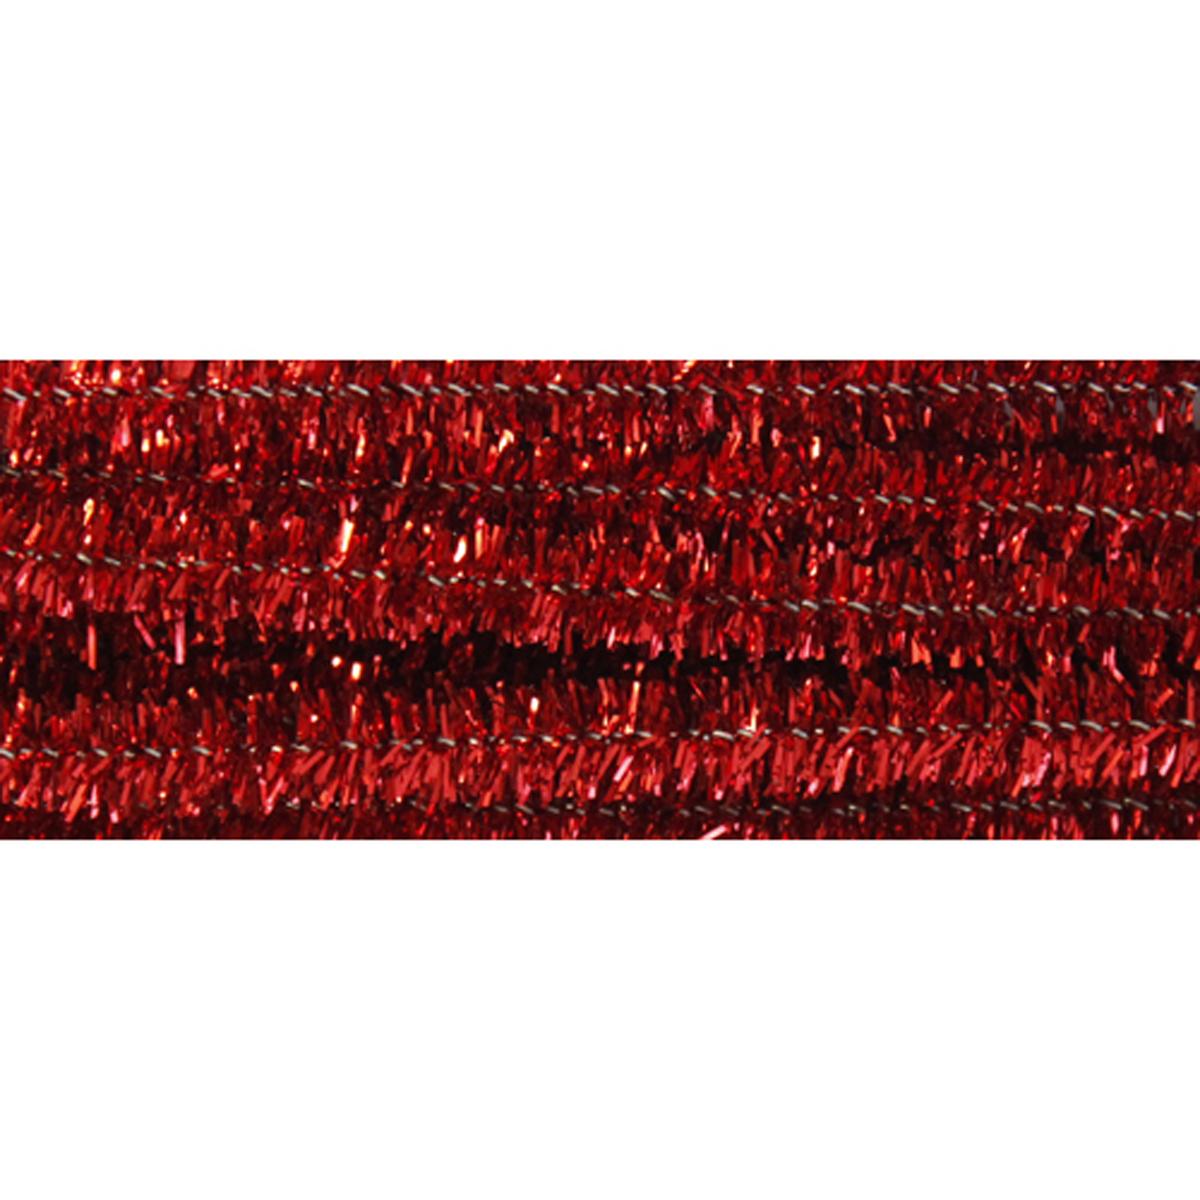 Синель-проволока люрекс Астра, цвет: красный, 6 мм х 30 см, 20 шт7708694_ B-004 красныйИз пушистой проволоки можно мастерить разные поделки - плоские и объемные. Такая проволока послужит практичным материалом в валянии и изготовлении игрушек.